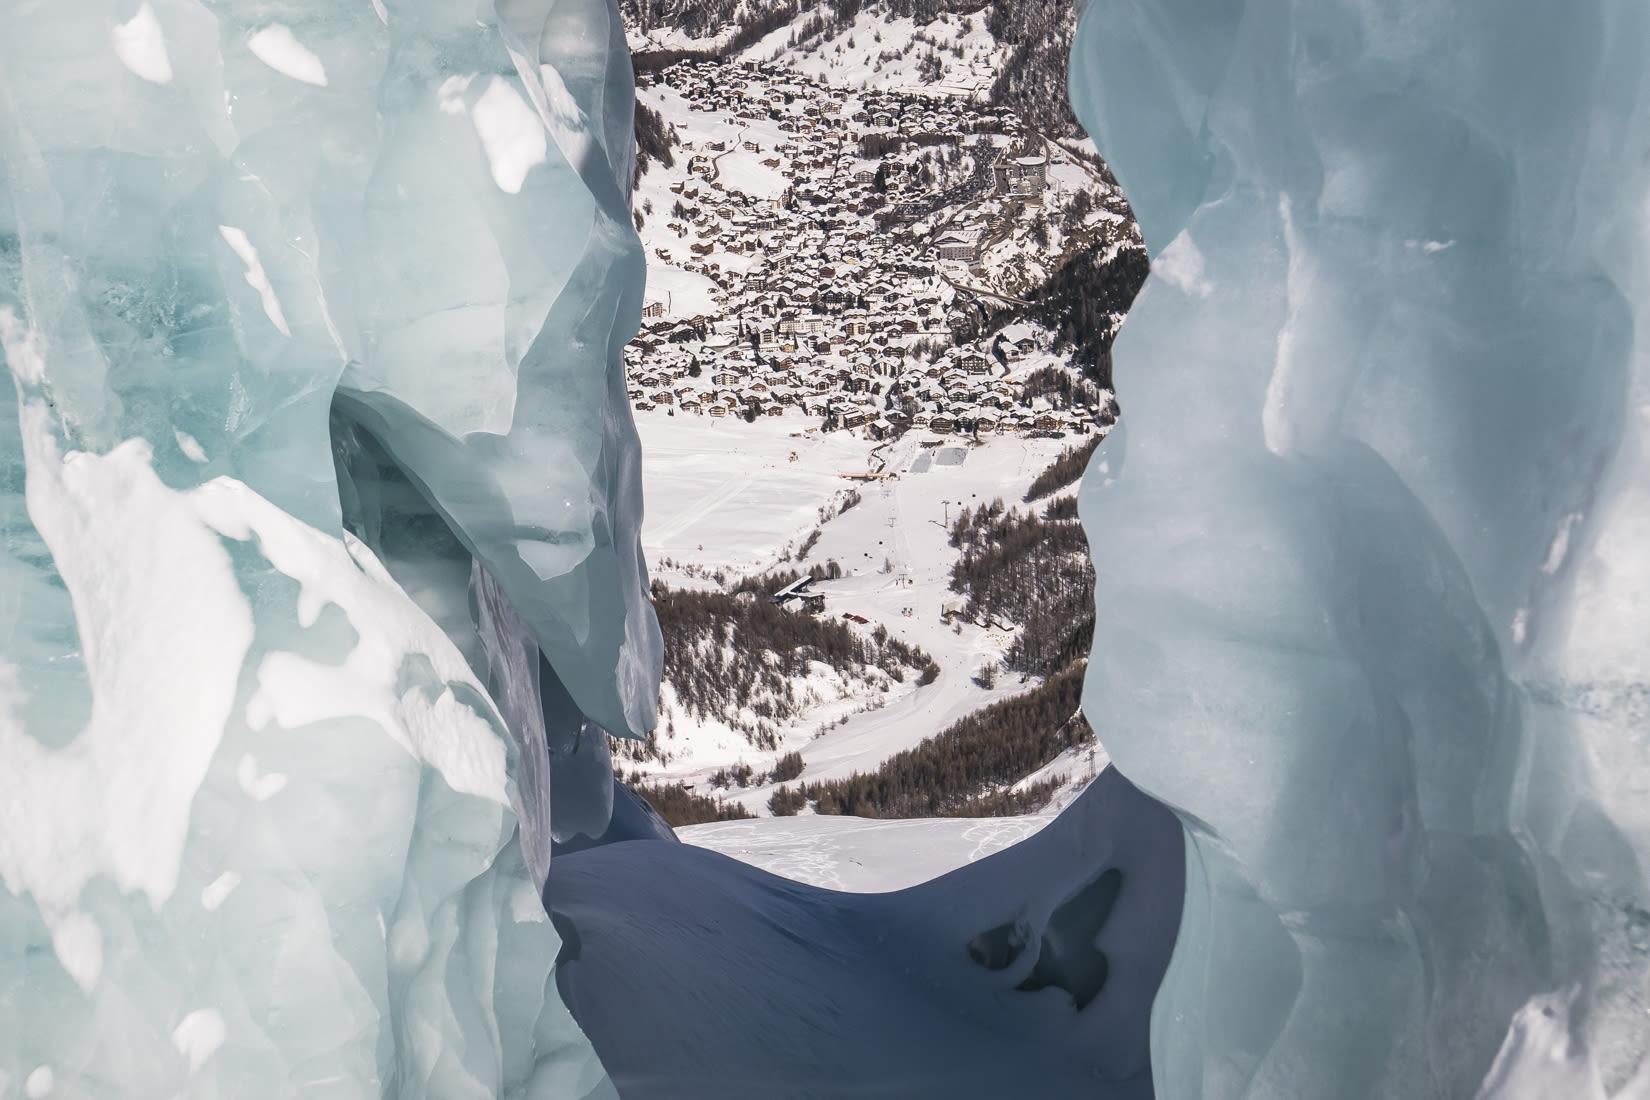 Excursions on the glacier